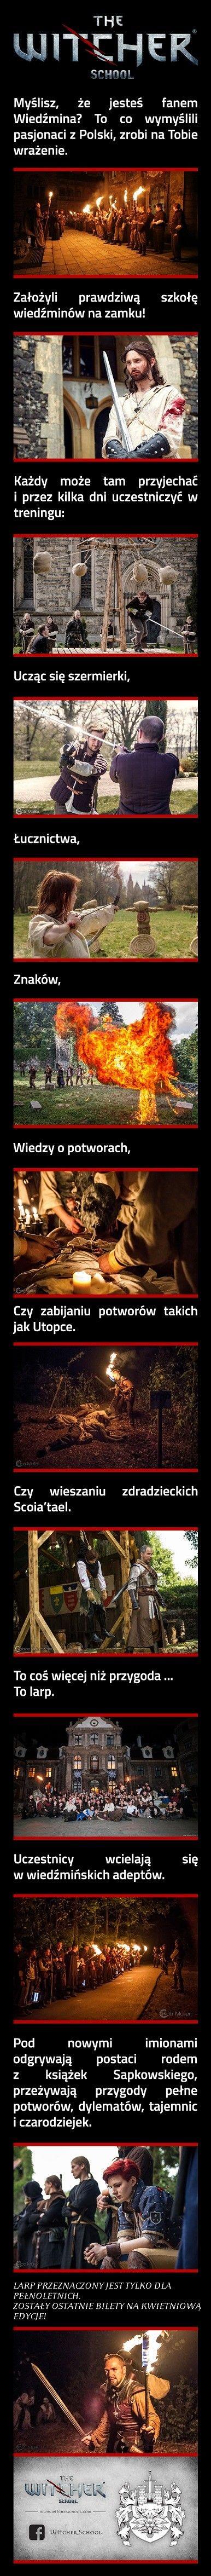 Myślisz, że jesteś fanem Wiedźmina? To co co wymyśli pasjonaci z Polski zrobi na Tobie wrażenie